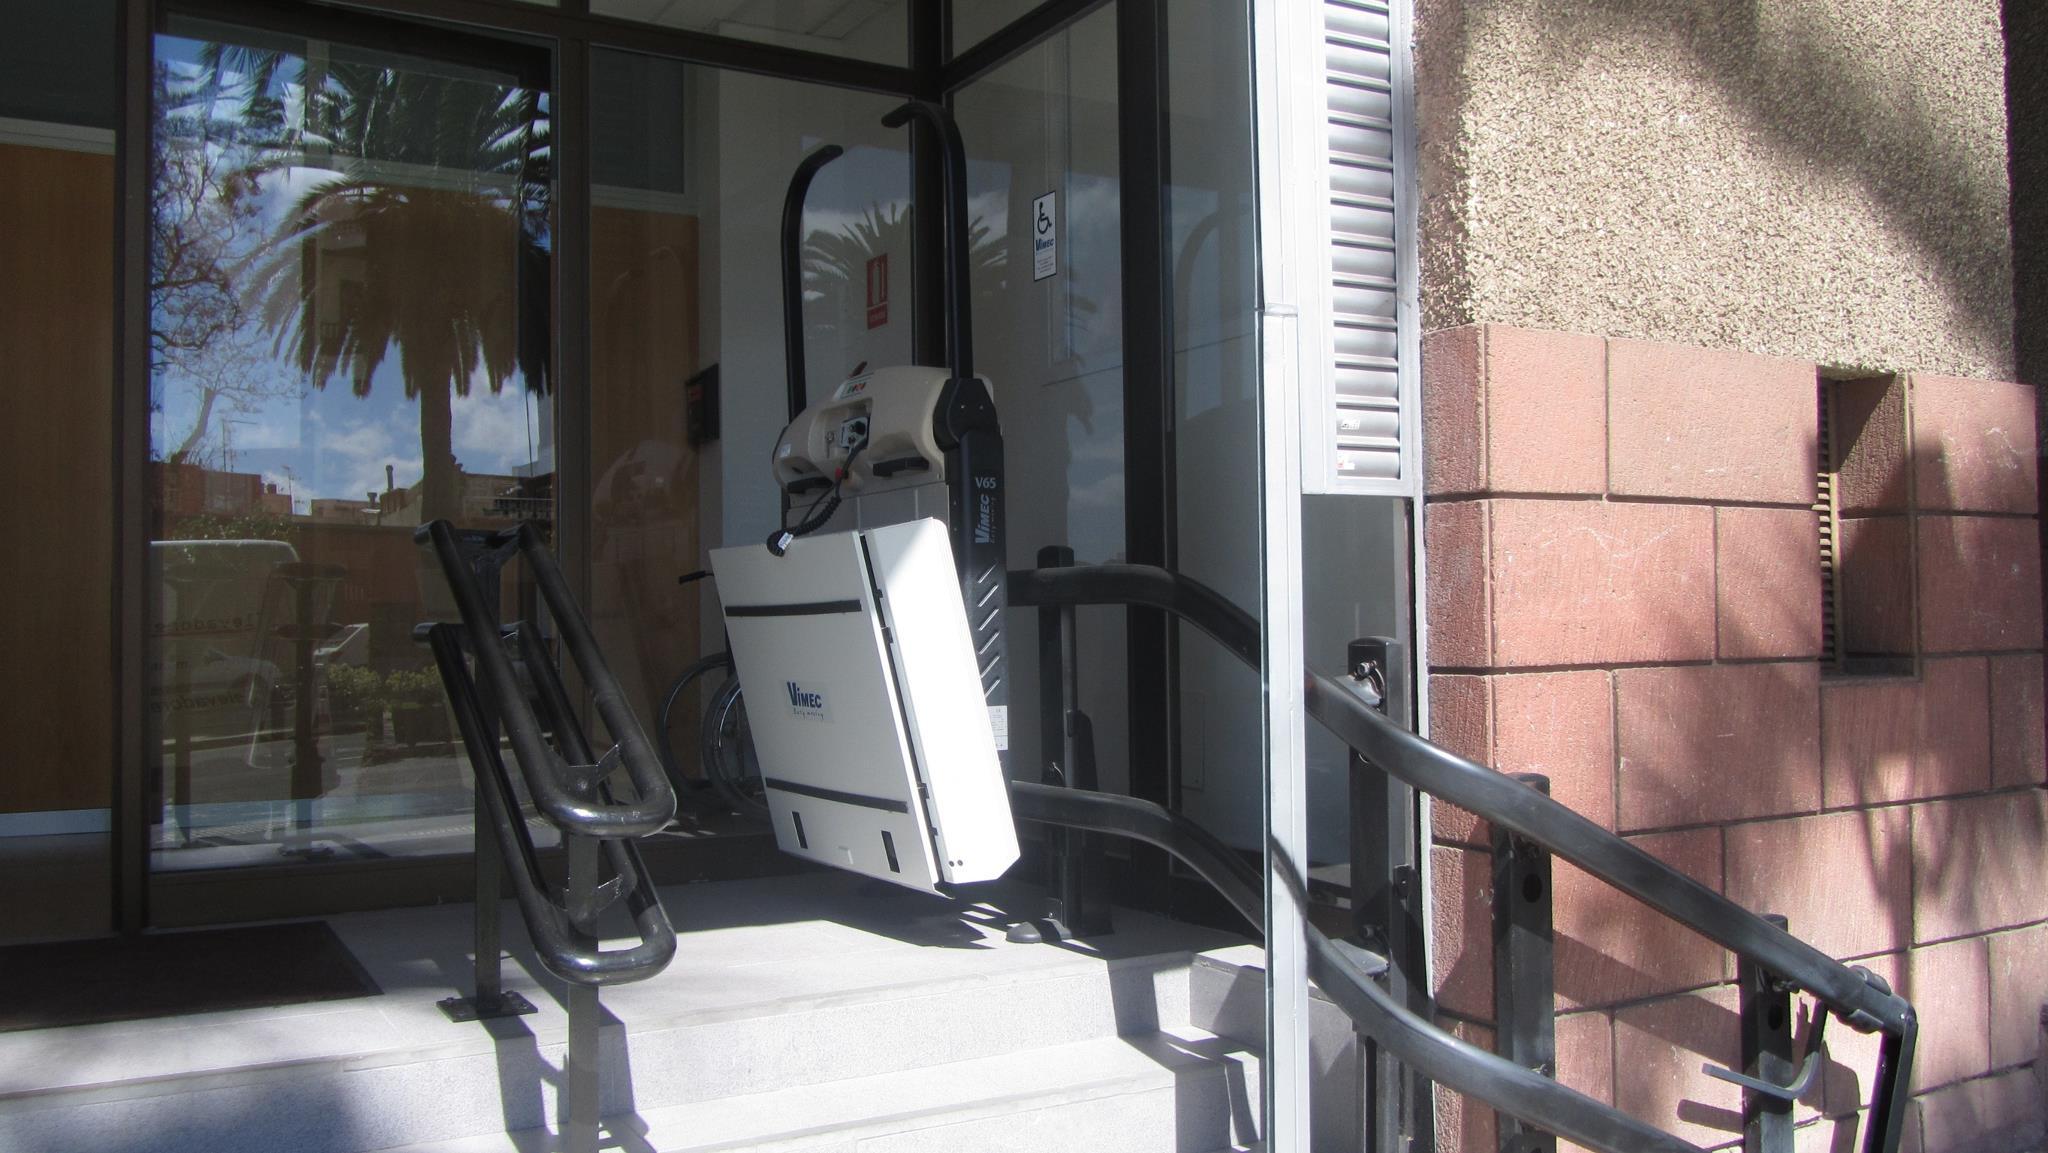 Foto 22 de Venta, instalación y reparaciones de aparatos elevadores en Tegueste | Mobiliteg Solutions